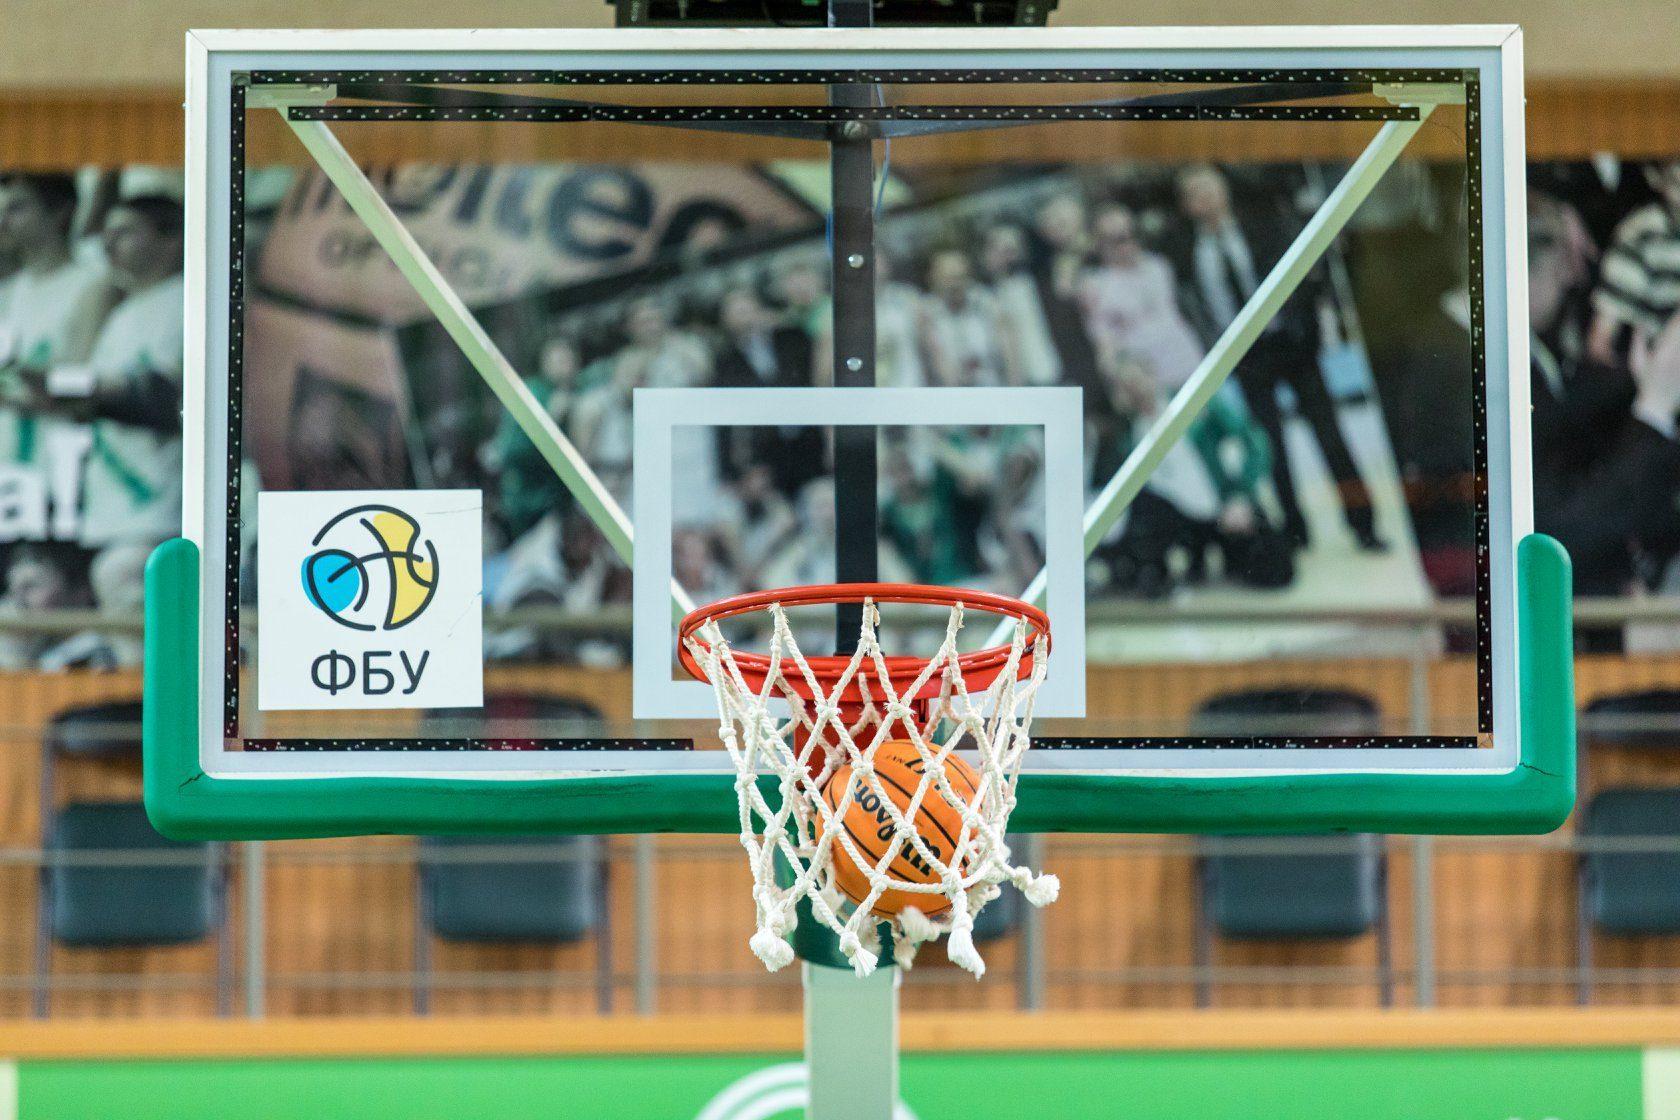 Київ-Баскет – Динамо: відео матчу жіночої Суперліги